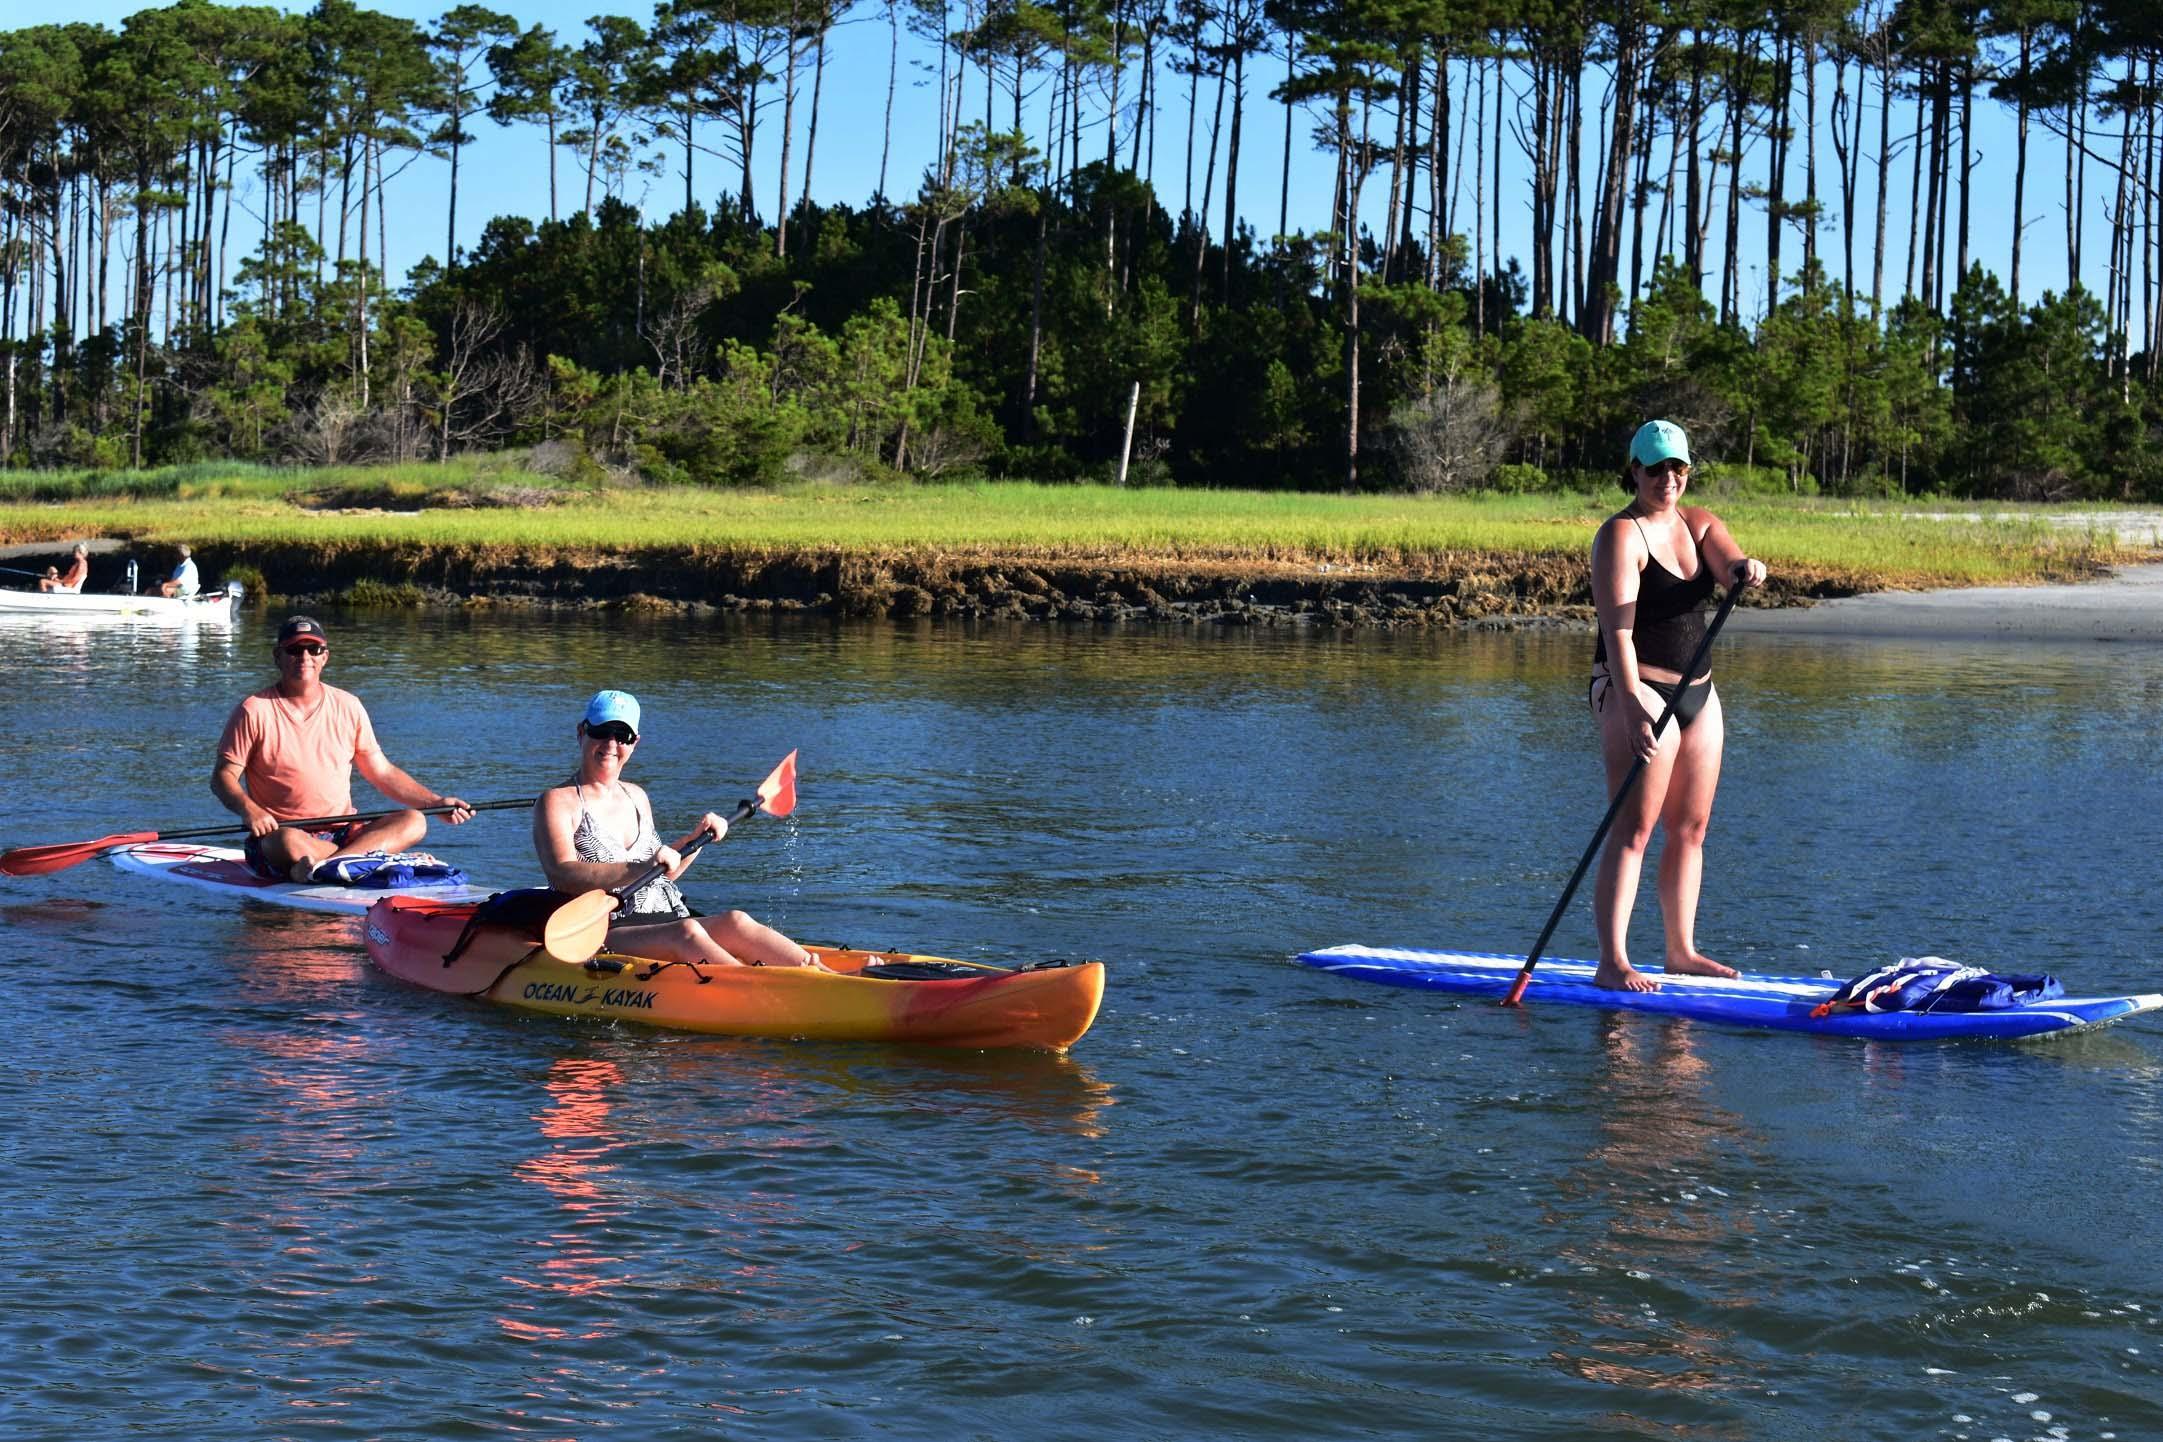 sup and kayak tours